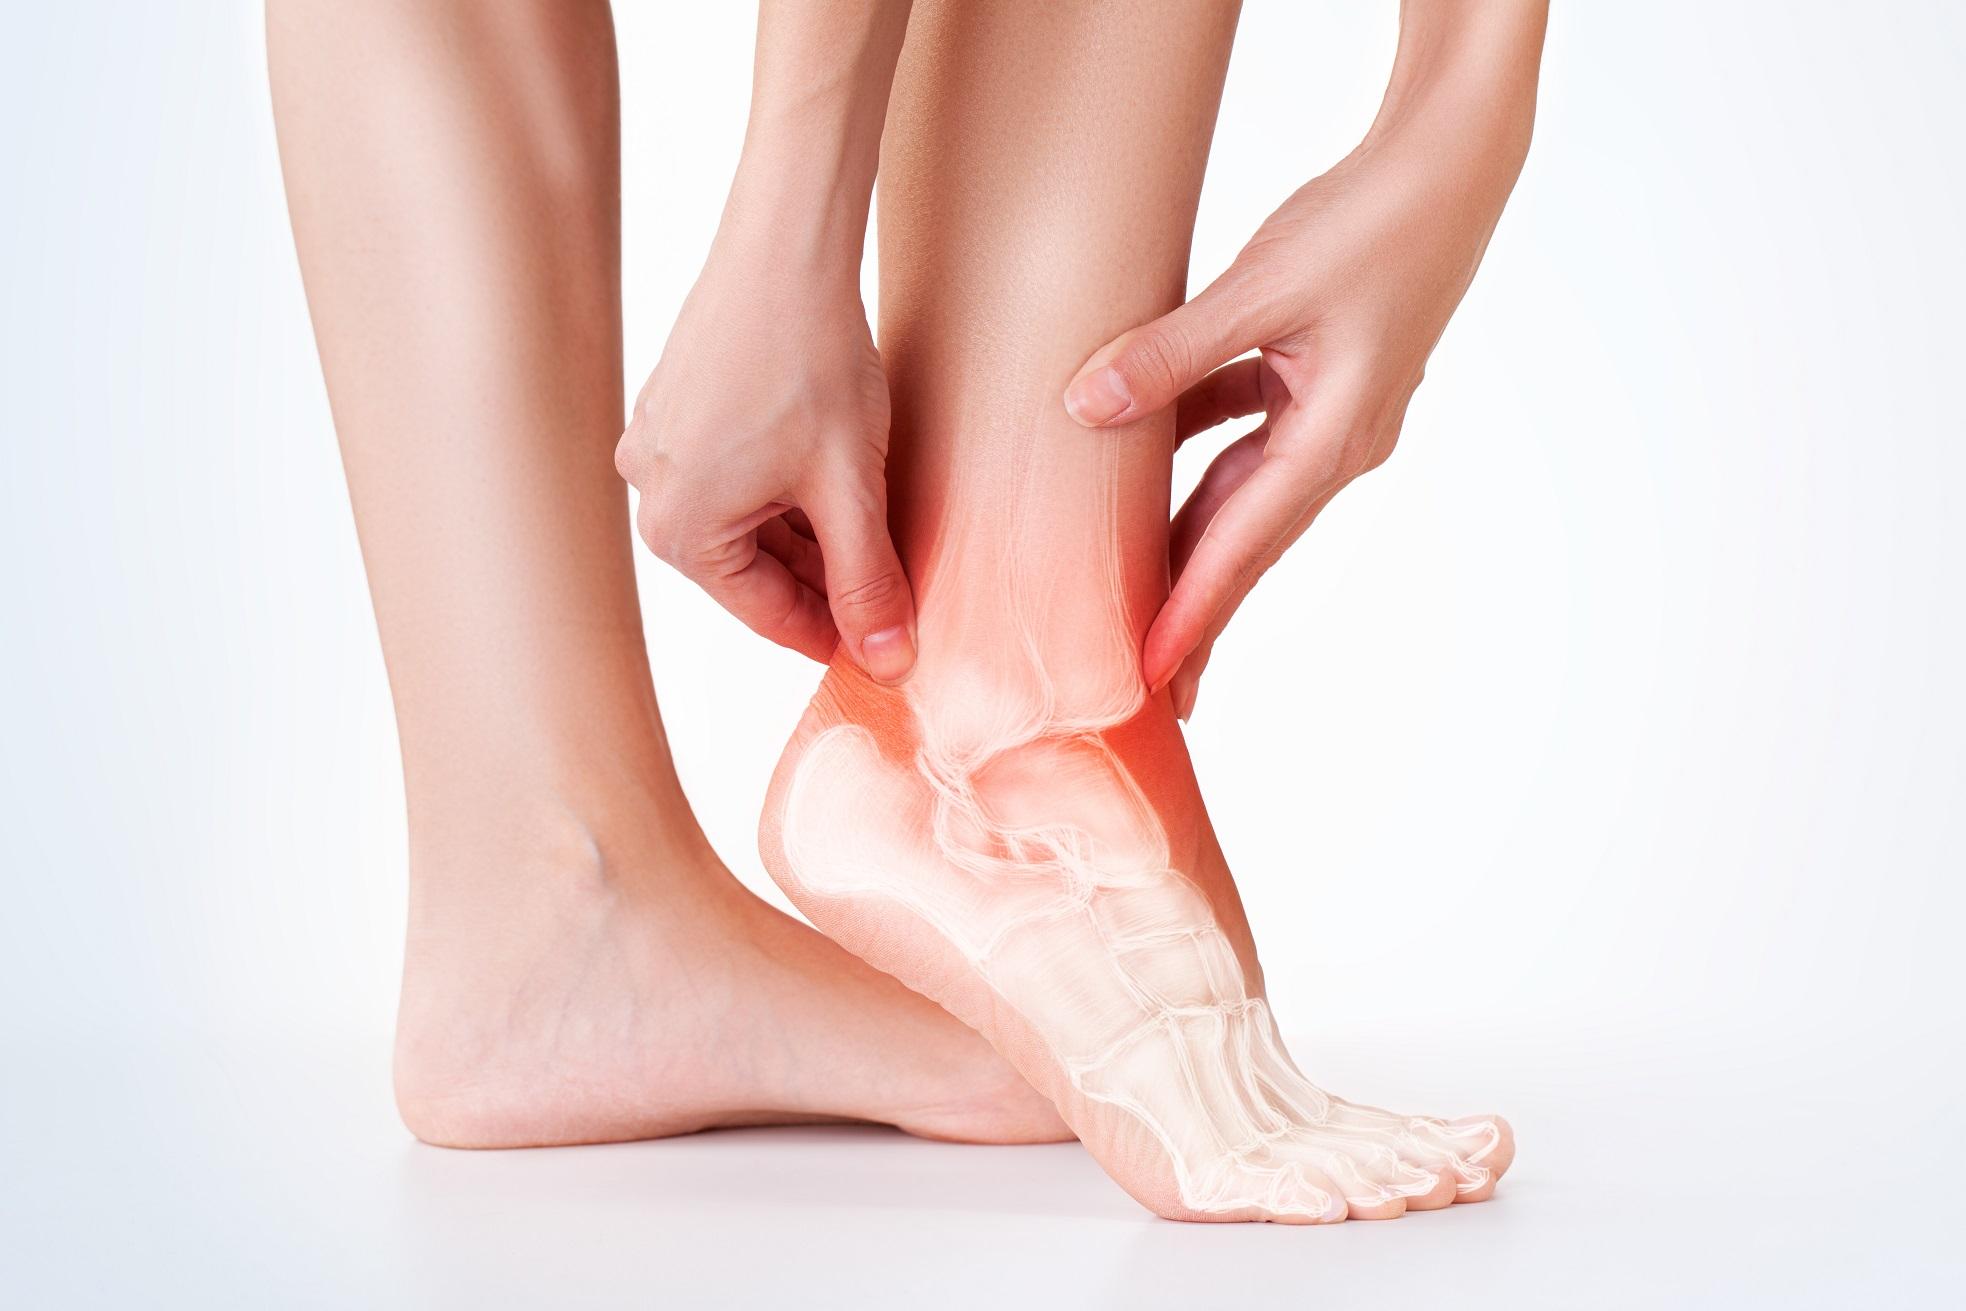 Reumatóide nos causa tornozelos a inchaço artrite